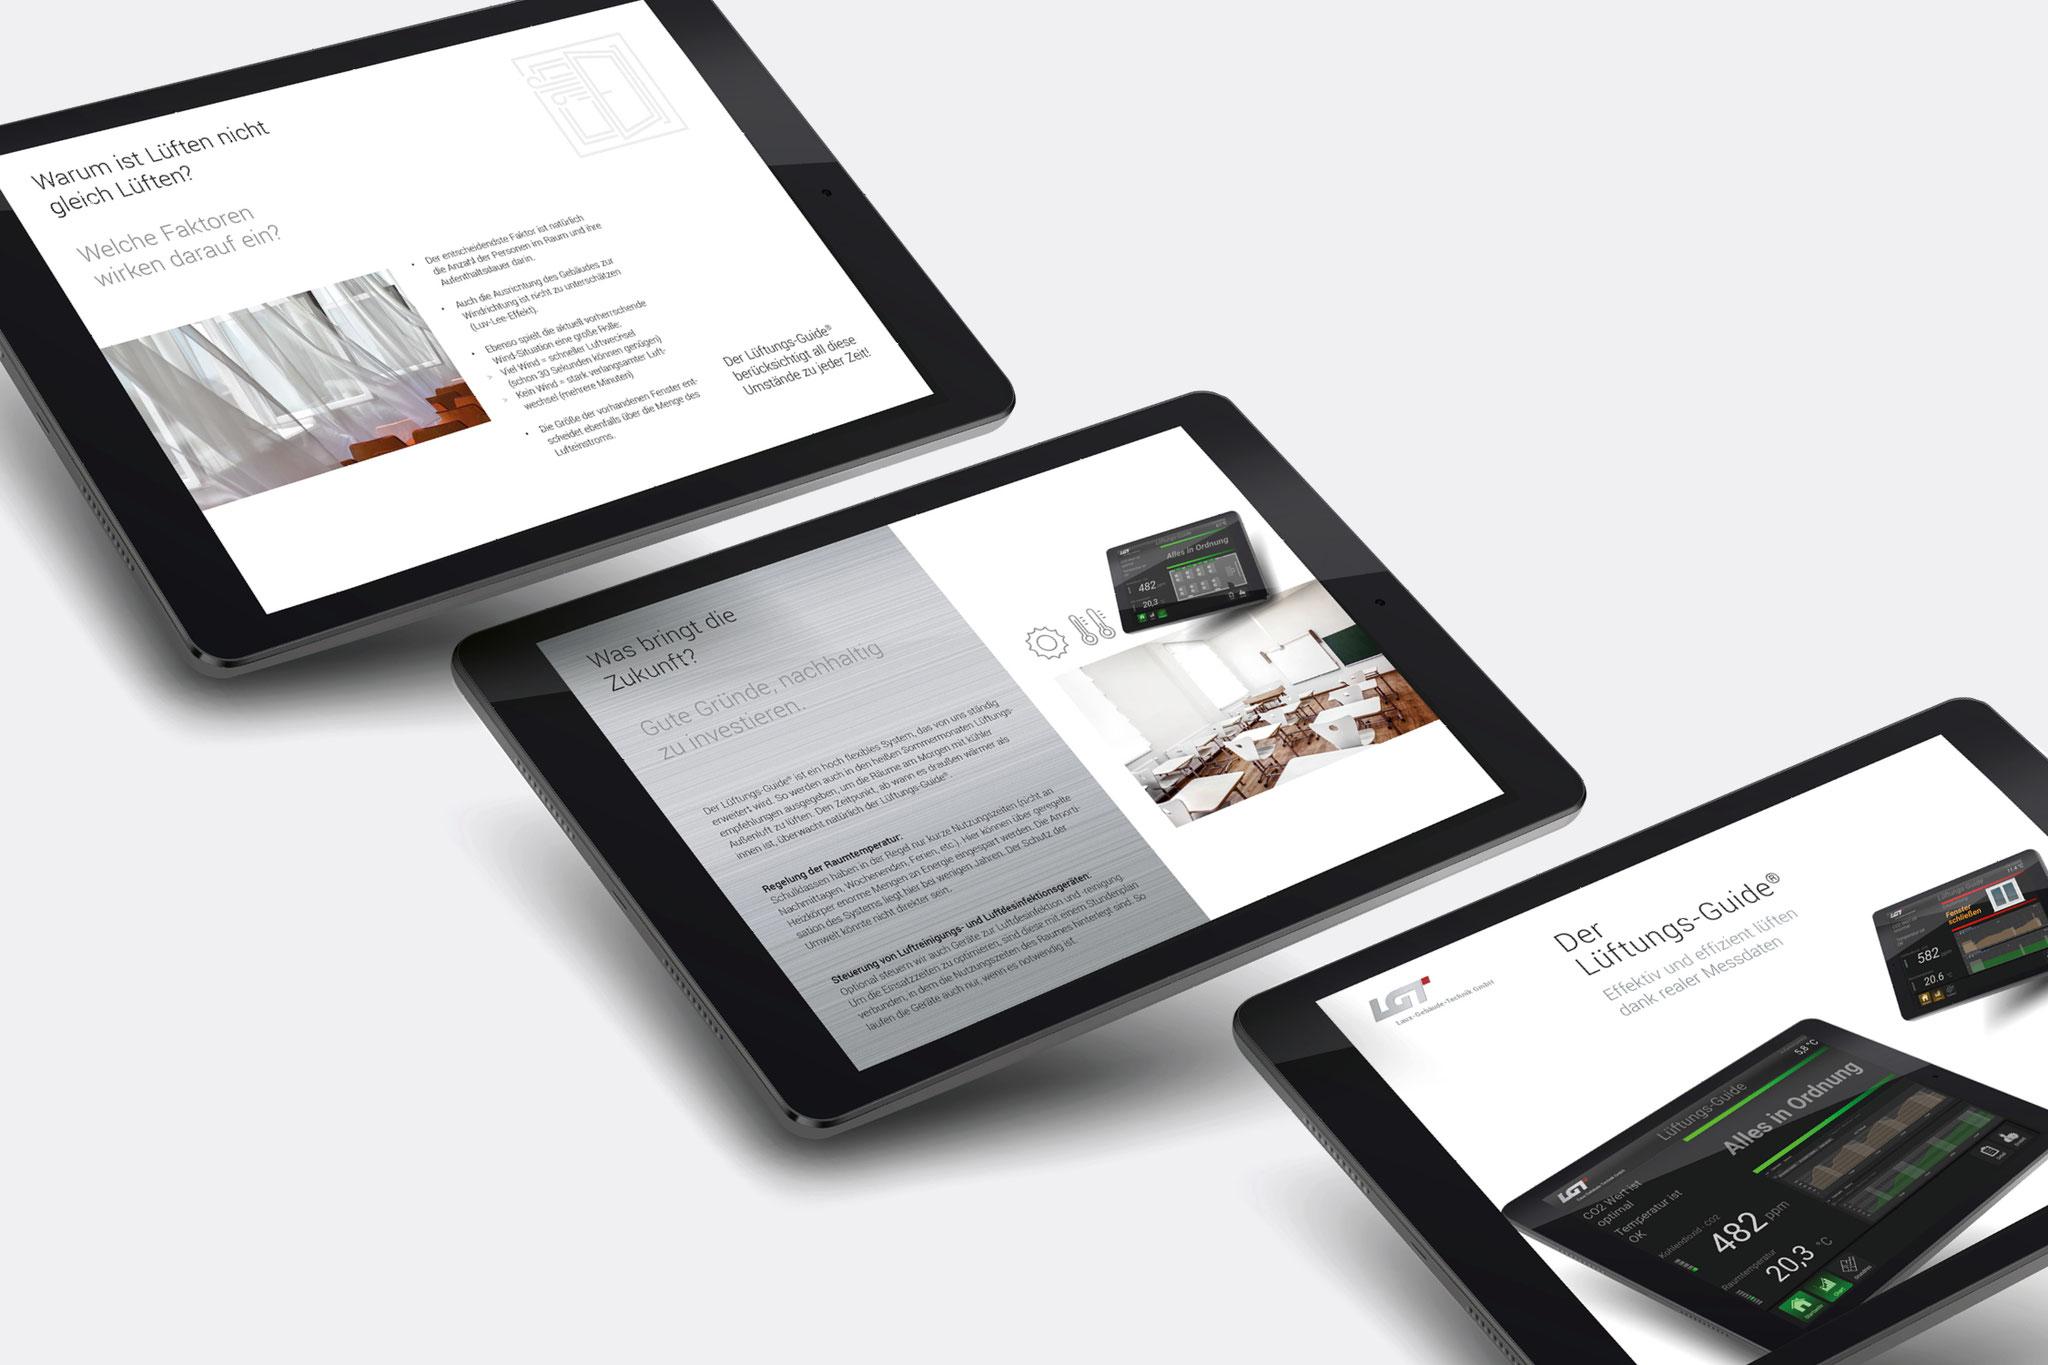 Lüftungs-Guide // Flyer-Design für eine App